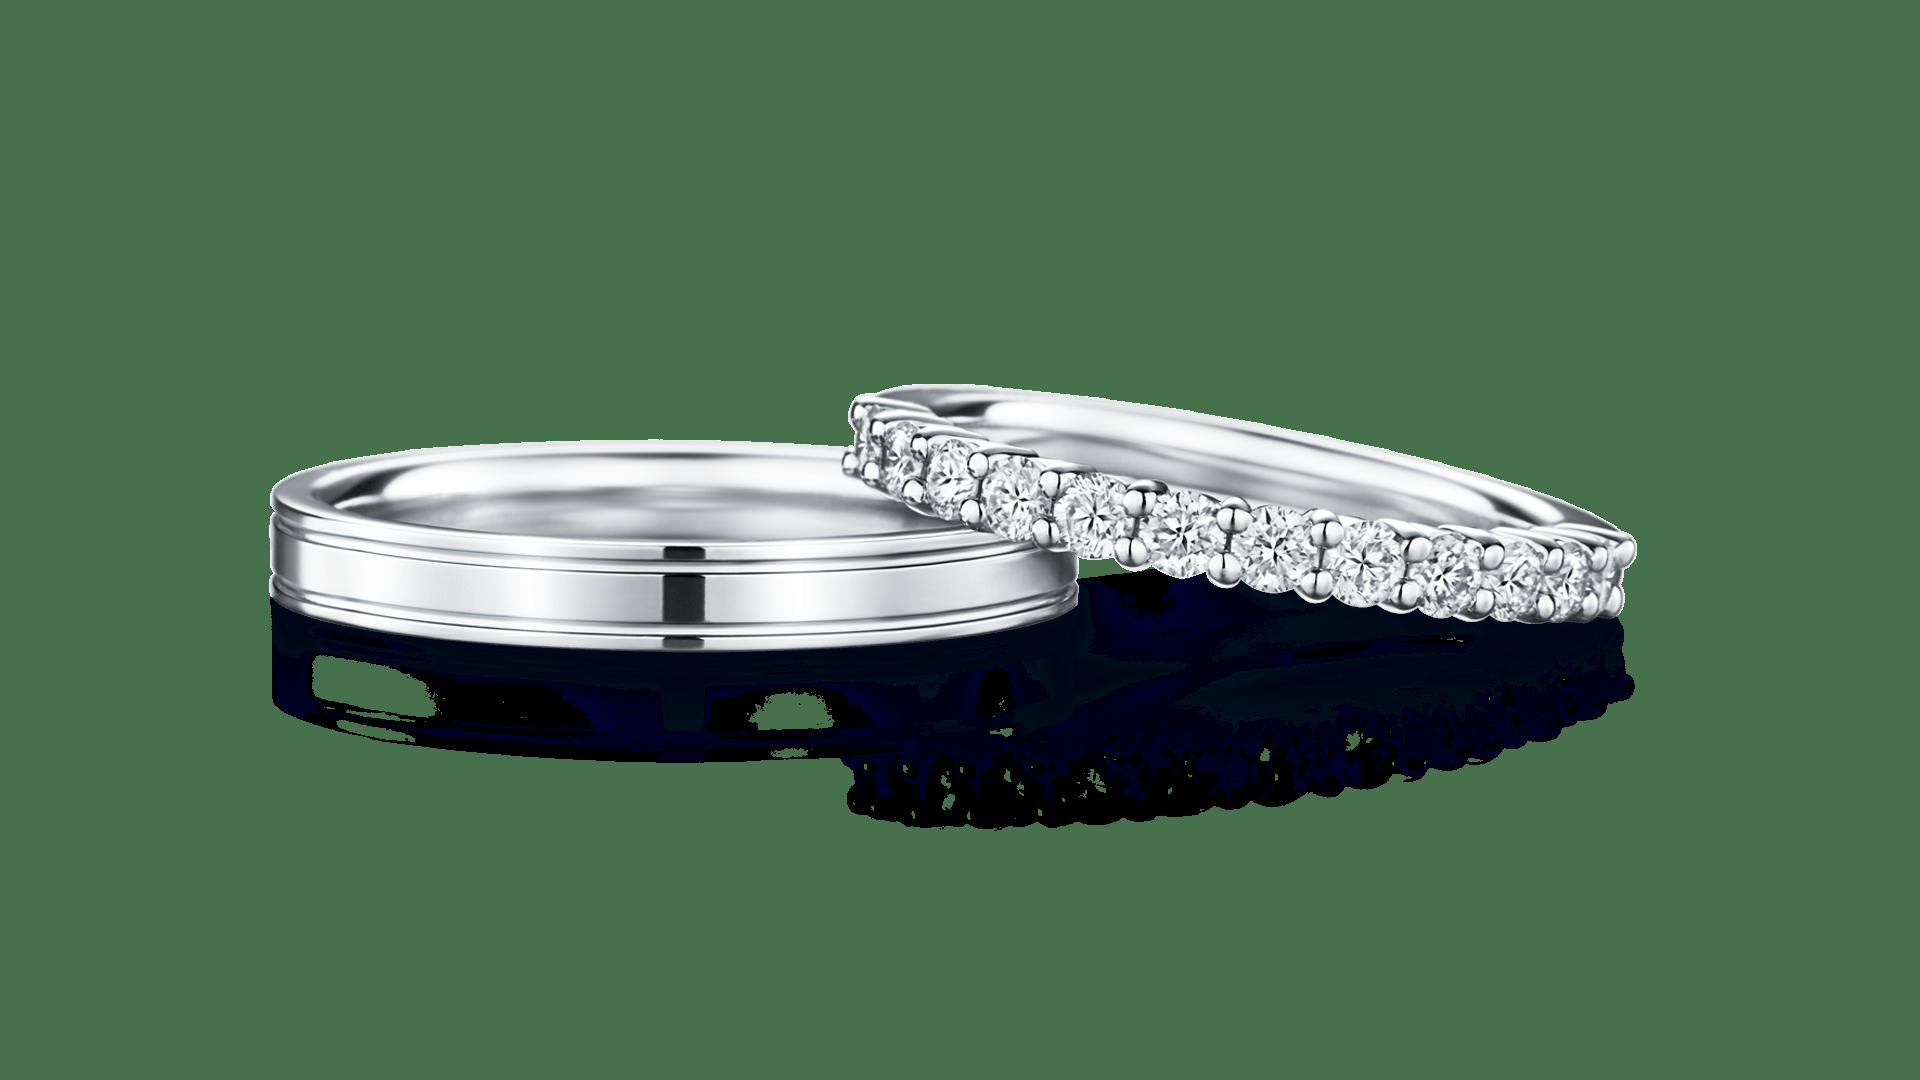 phaenna×mani half パエンナ(左)×マーニ・ハーフ(右) | 結婚指輪サムネイル 1